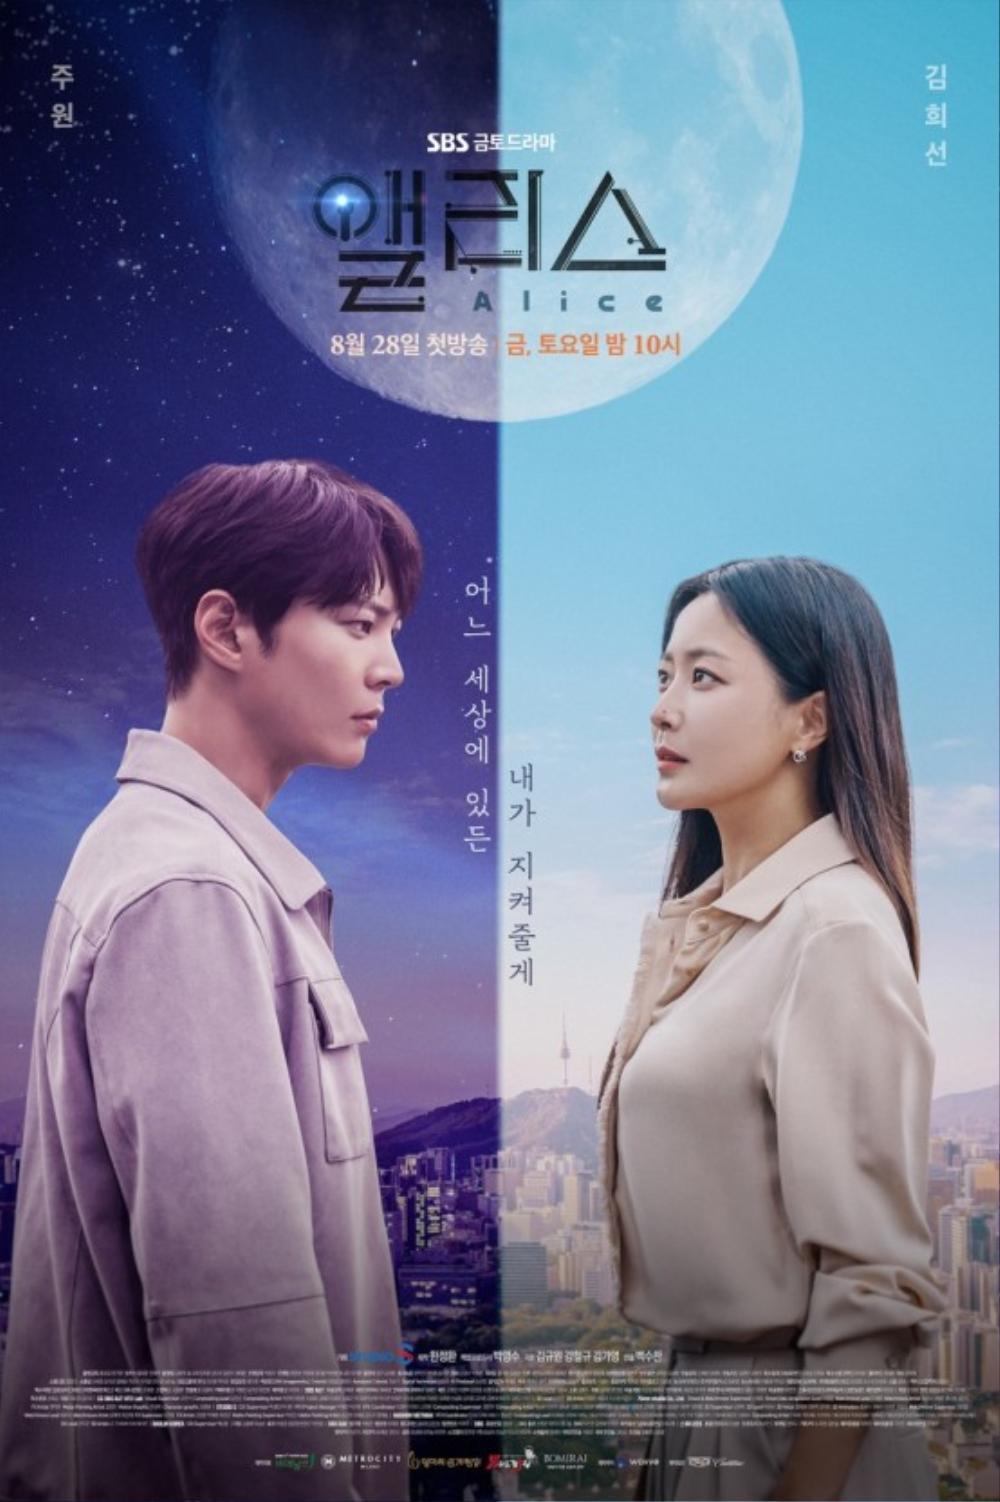 Họp báo phim mùa Covid-19, Kim Hee Sun hài hước 'tám chuyện' với Joo Won qua lăng kính nhiệm màu Ảnh 7